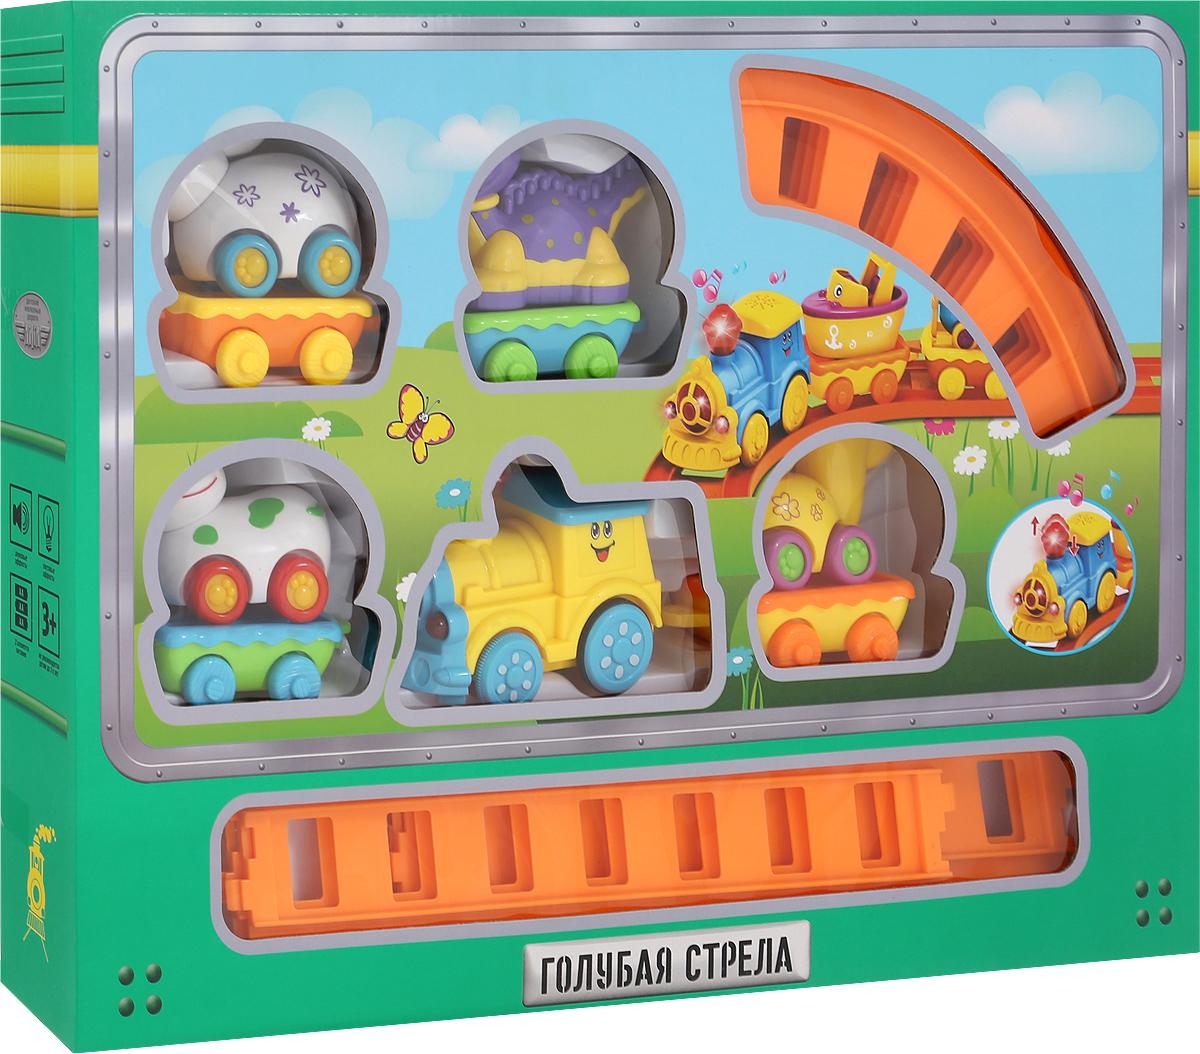 Голубая стрела Железная дорога Веселое путешествие цвет паровоза желтый